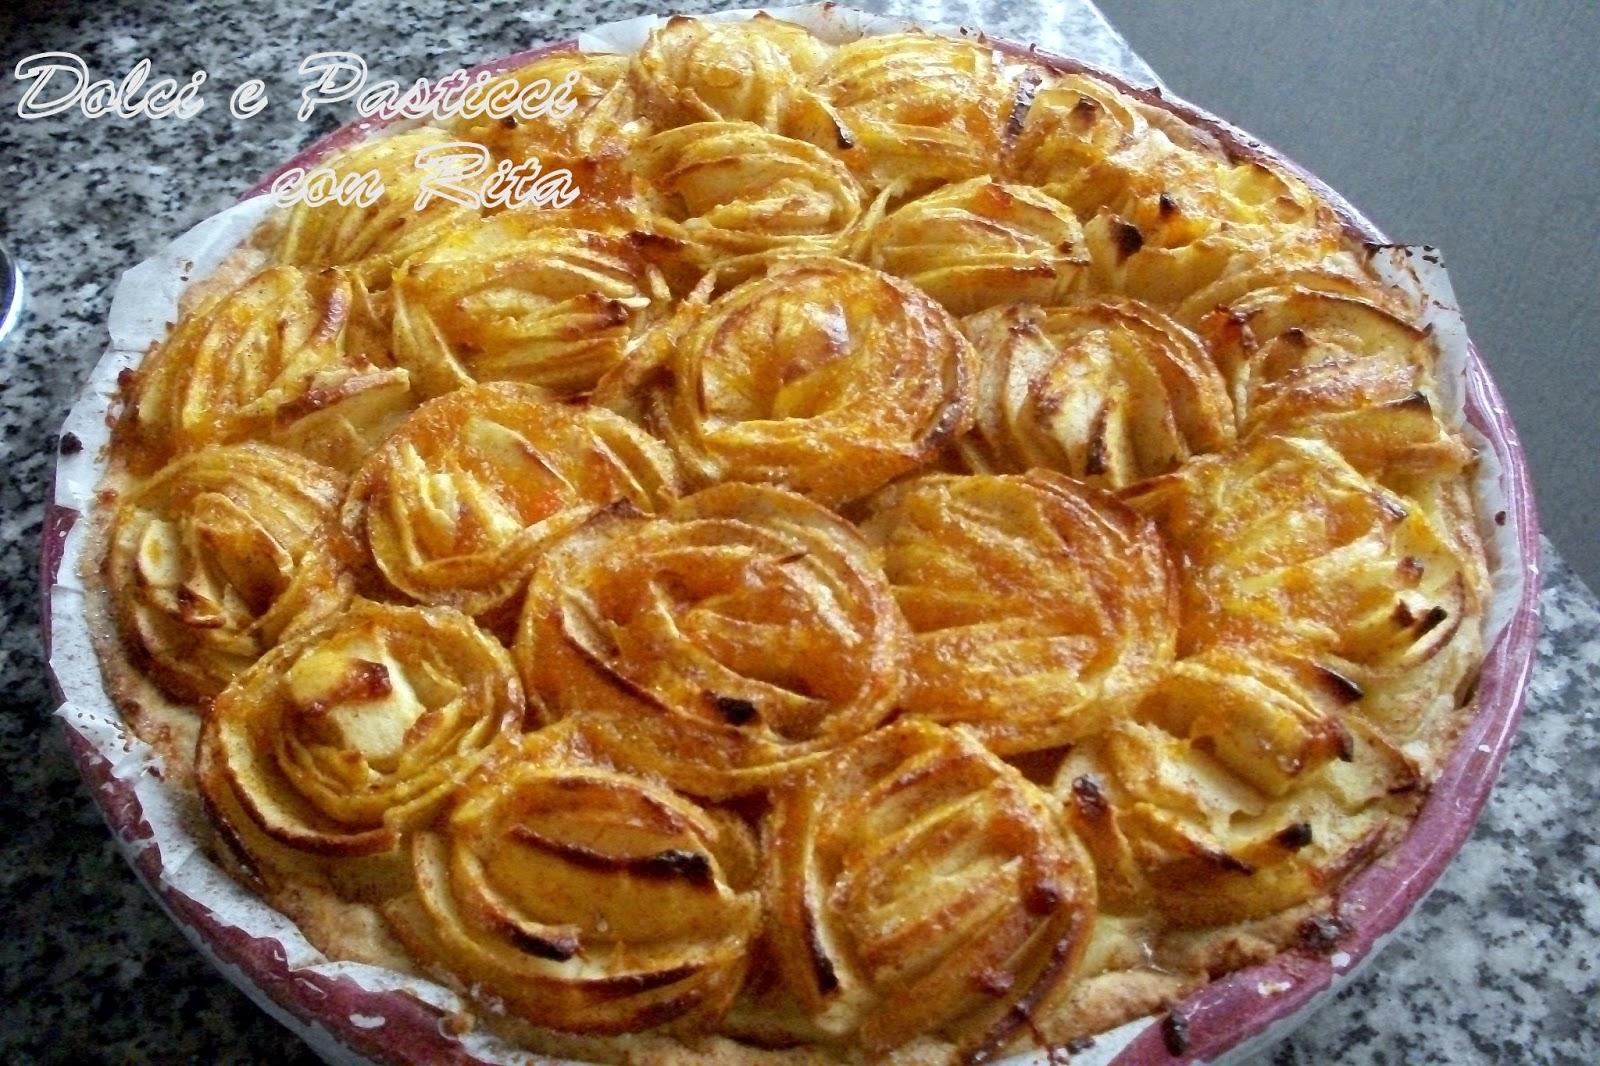 Dolci e pasticci con rit crostata di rose di mele for Crostata di mele